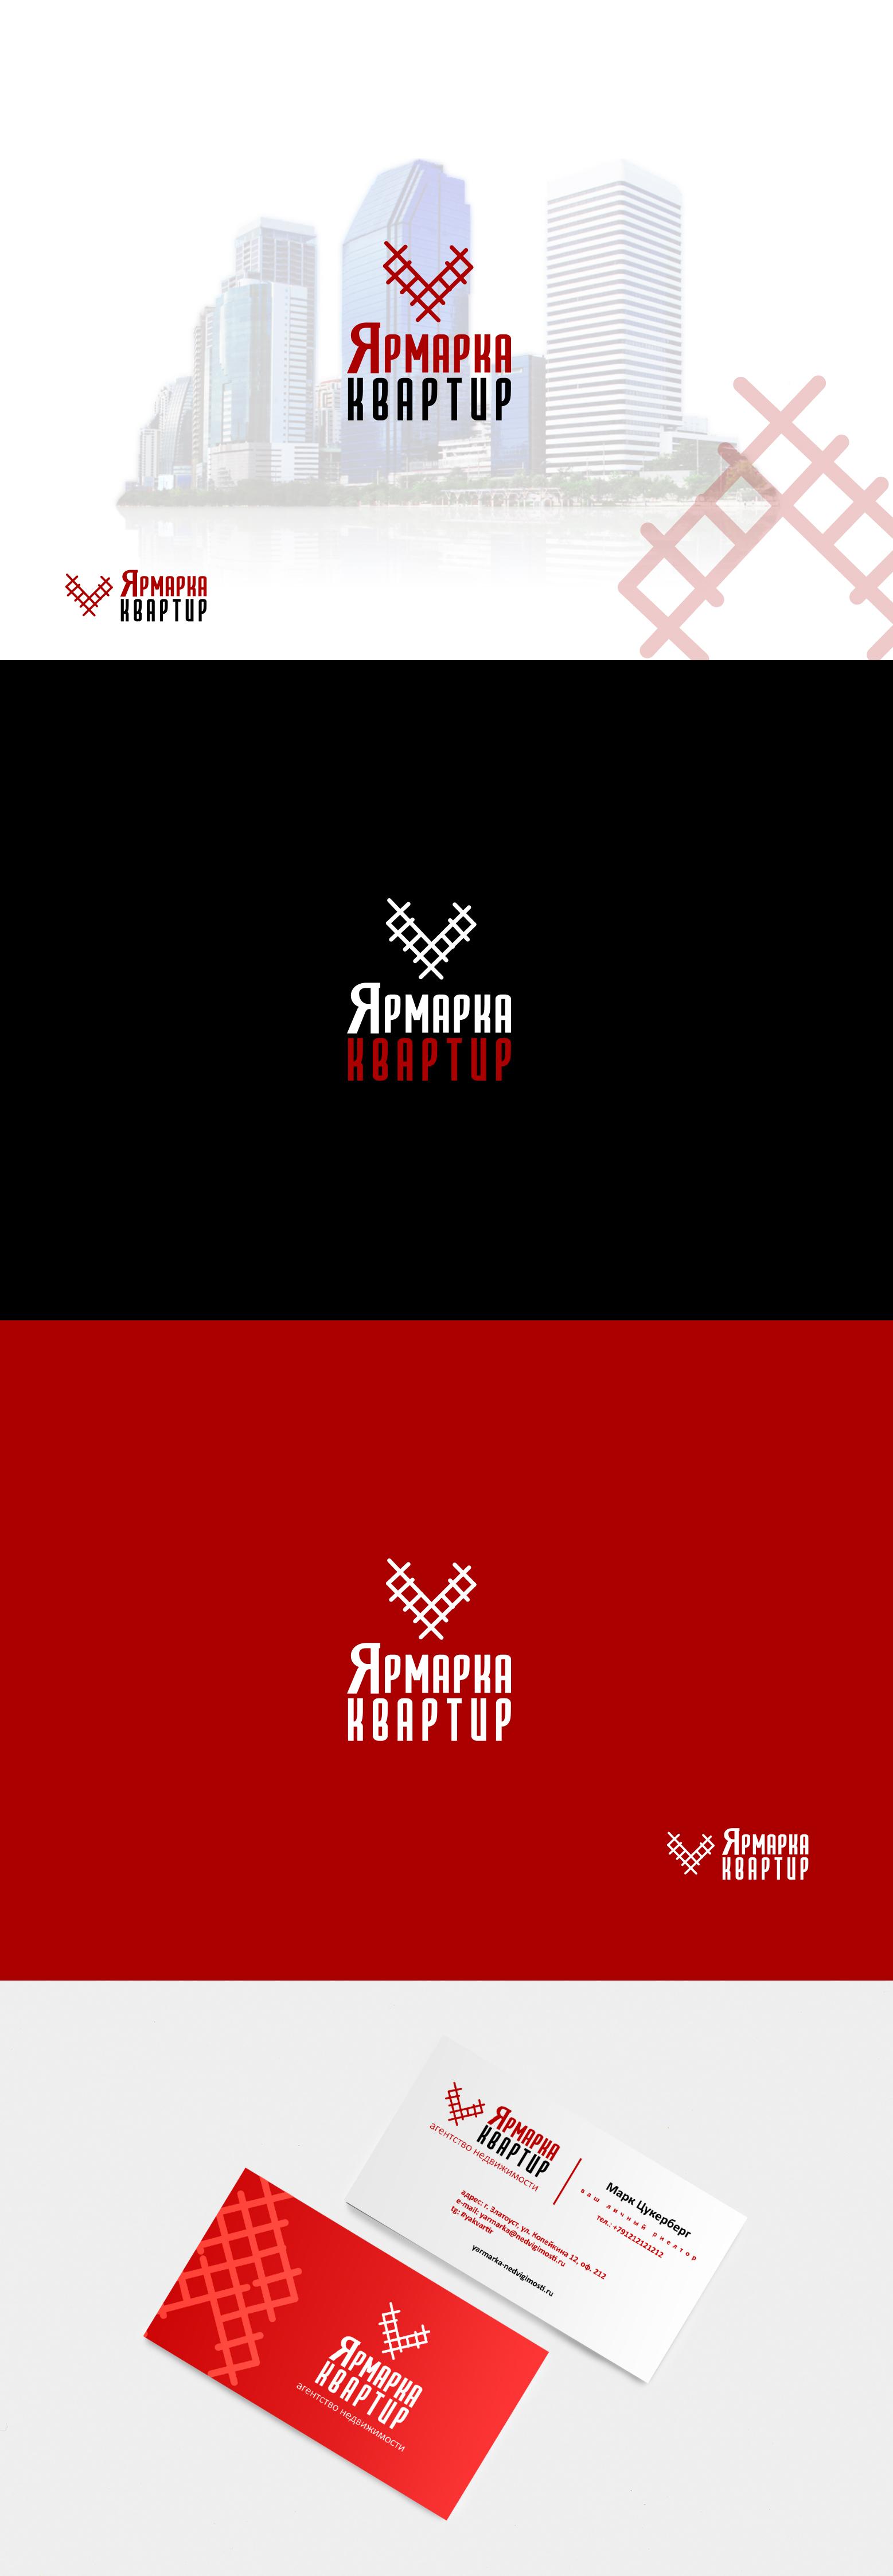 Создание логотипа, с вариантами для визитки и листовки фото f_120600464794feaf.jpg